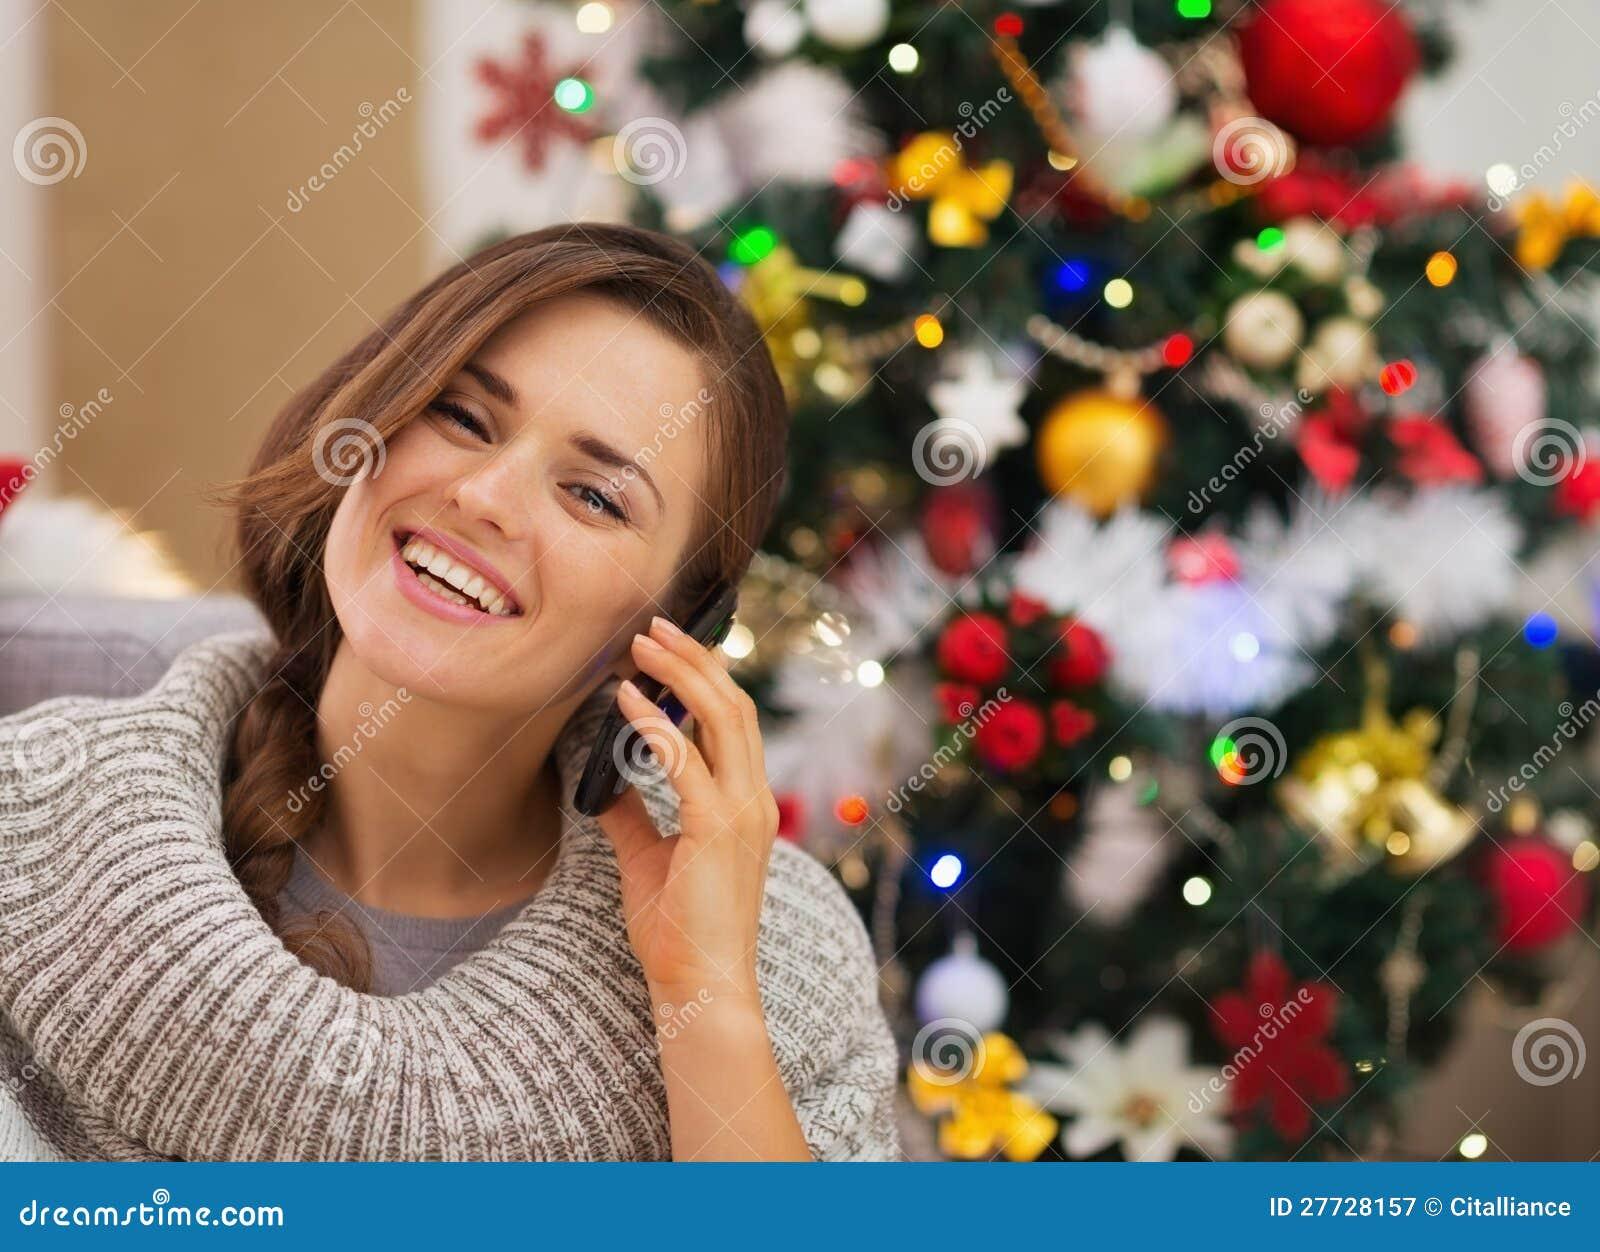 Glückliche Frau nahe dem Weihnachtsbaum, der Telefonaufruf bildet